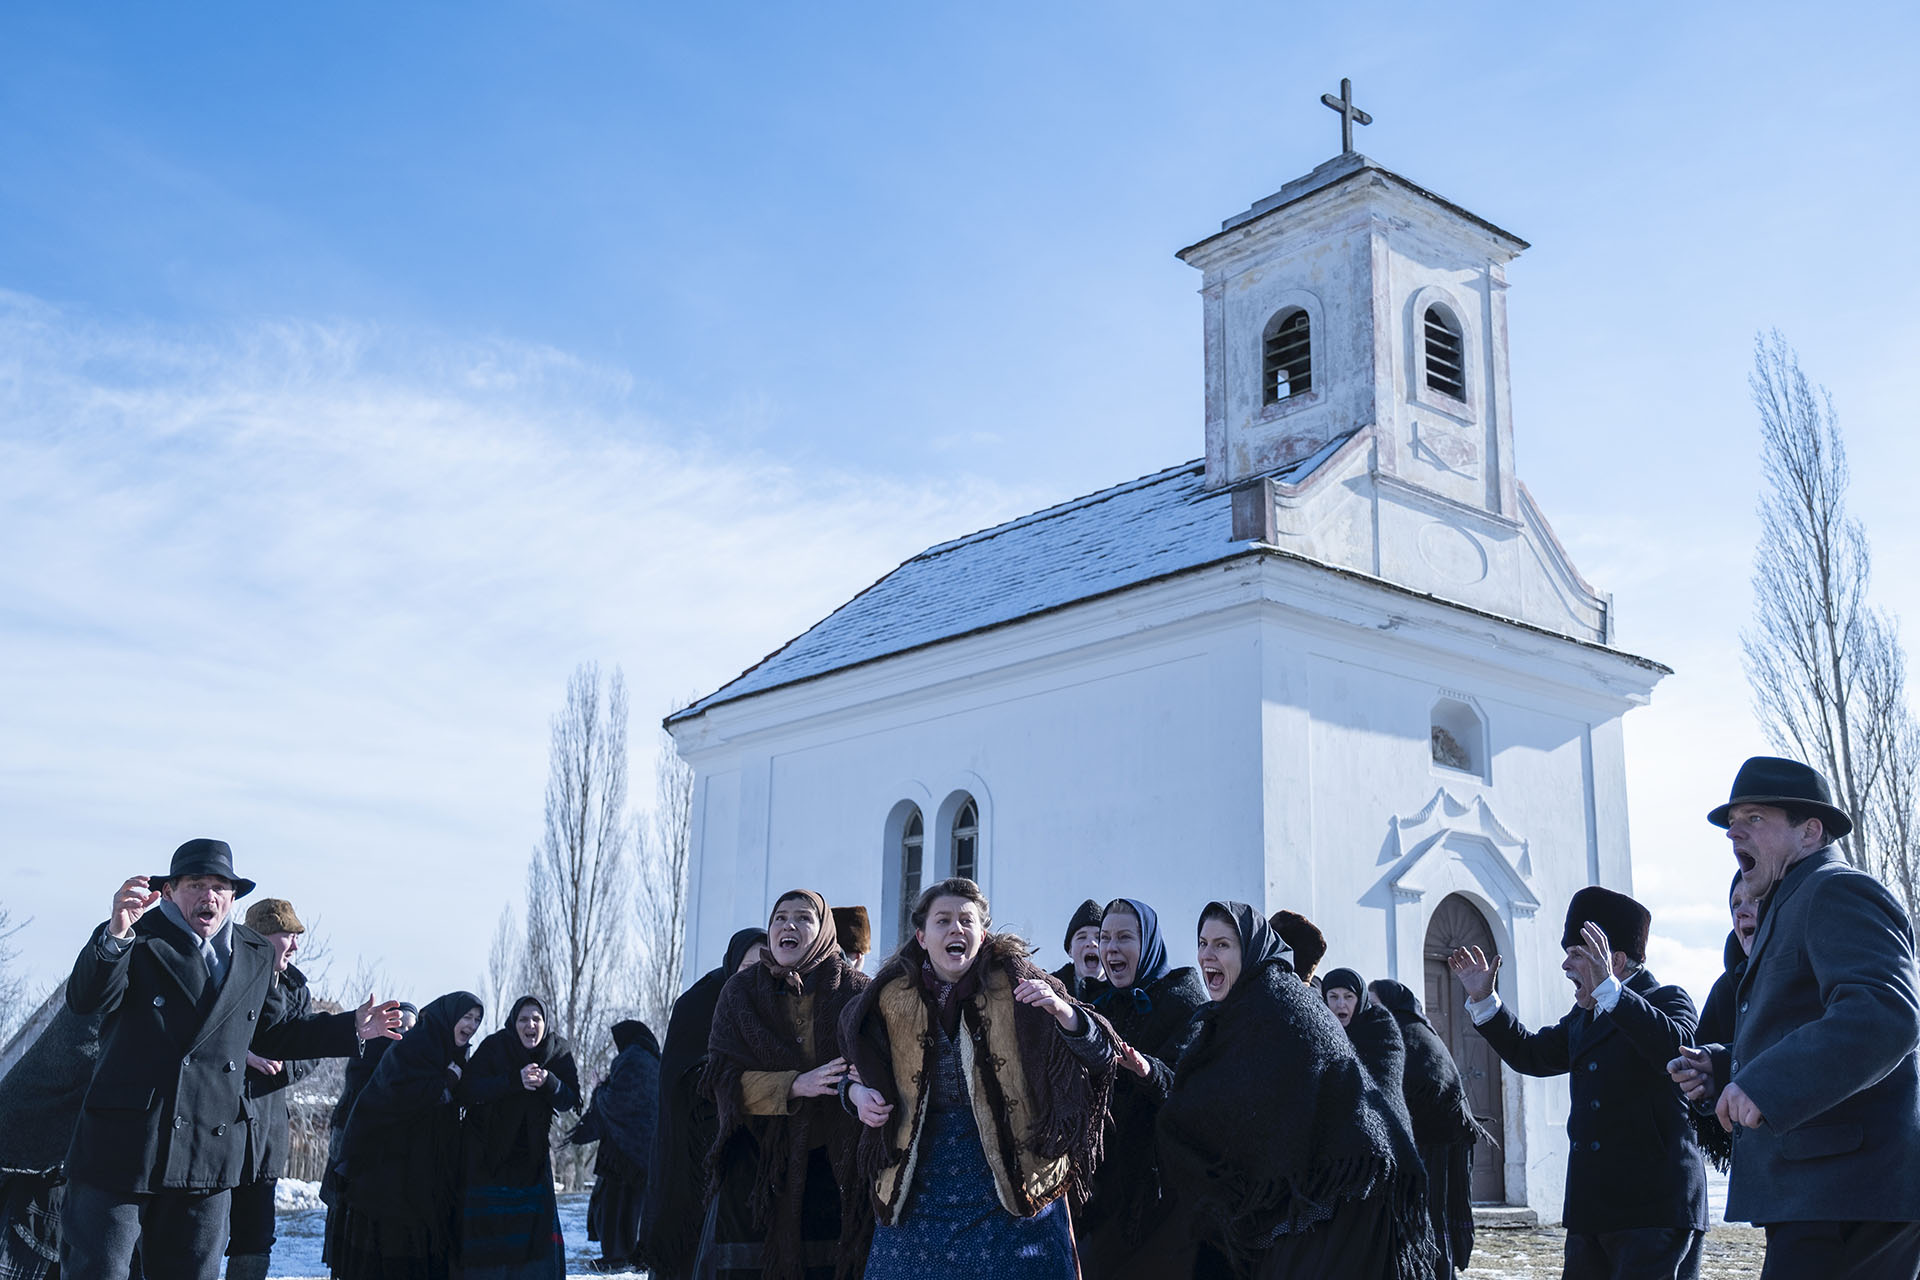 Cena do filme Post Mortem. Nela, vemos uma porção de homens e mulheres reunidos frente a uma igreja. A igreja é branca, e o céu contrasta com um azul claro, enquanto todas as pessoas vestem roupas escuras.